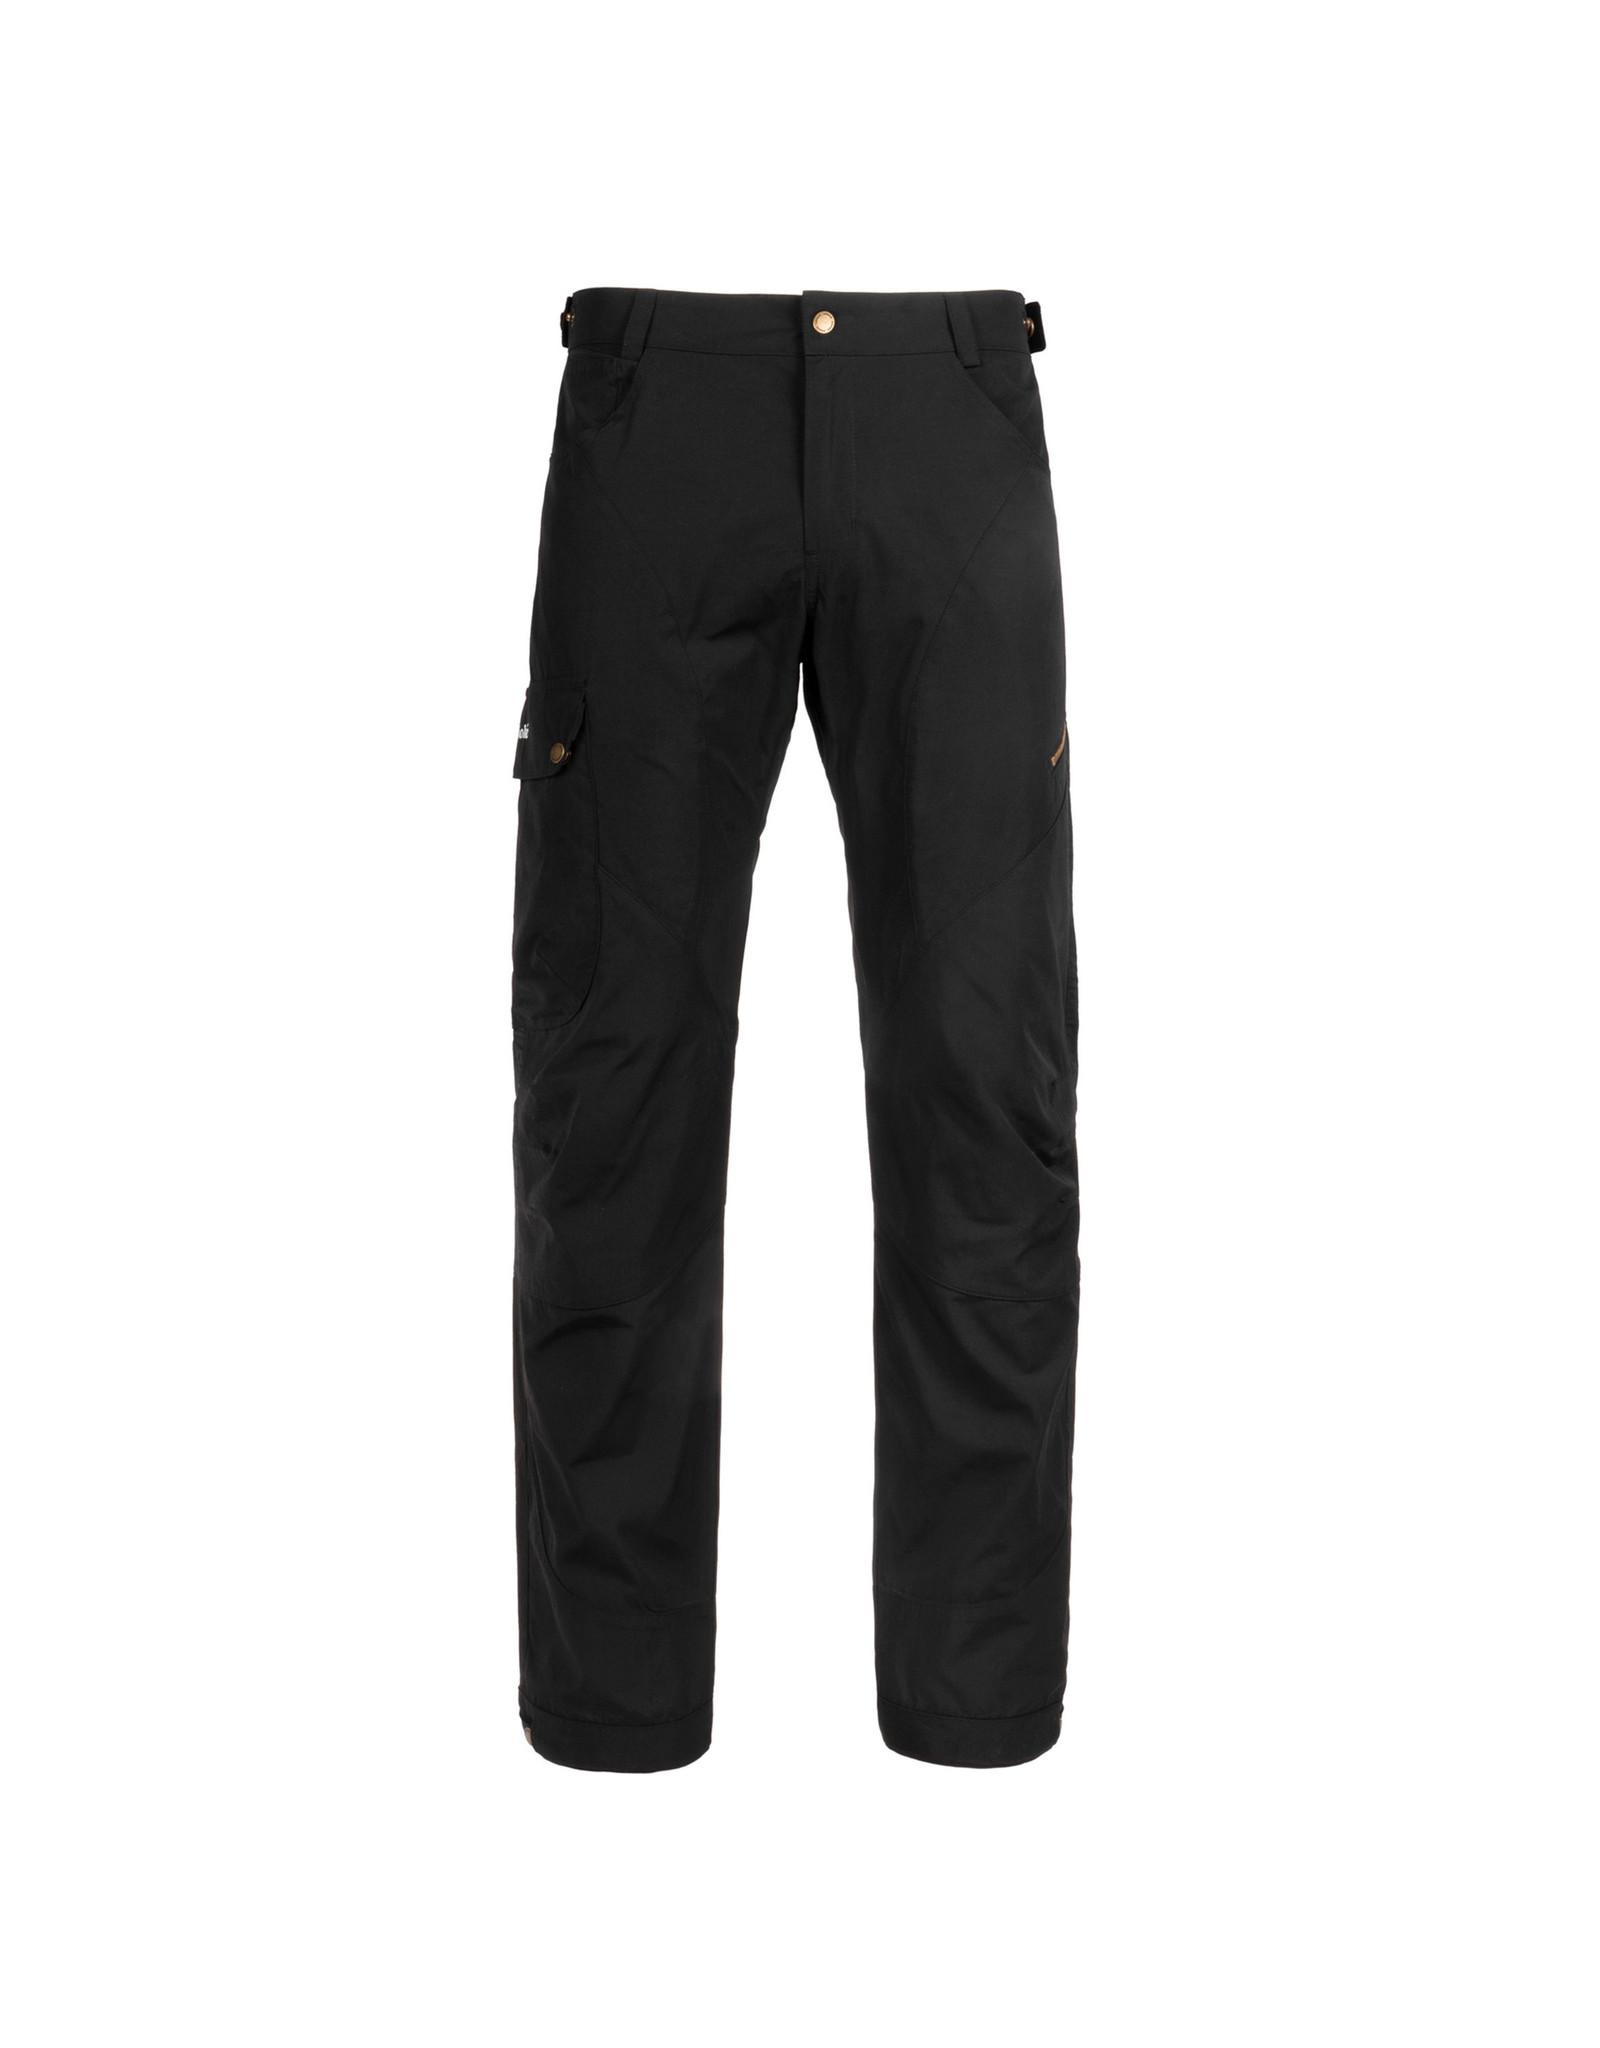 Hooké Hooké Outdoor Pants